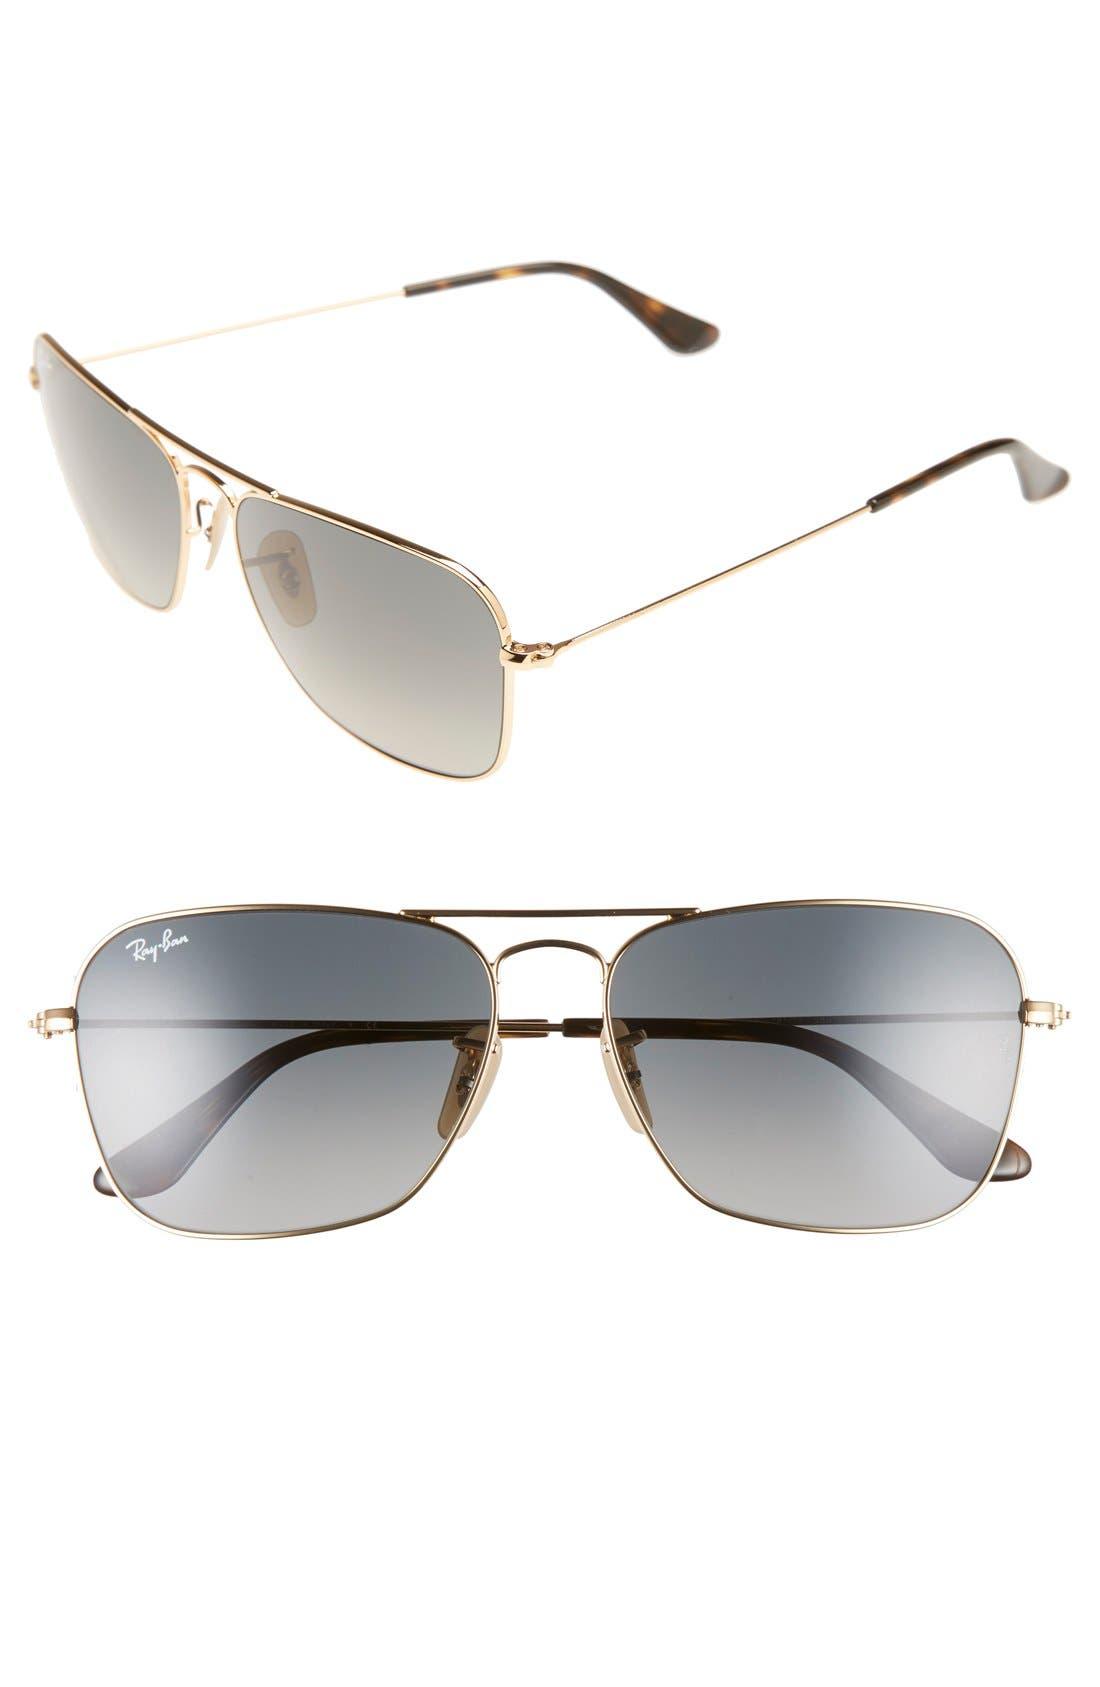 Caravan 58mm Aviator Sunglasses,                         Main,                         color, Gold/ Grey